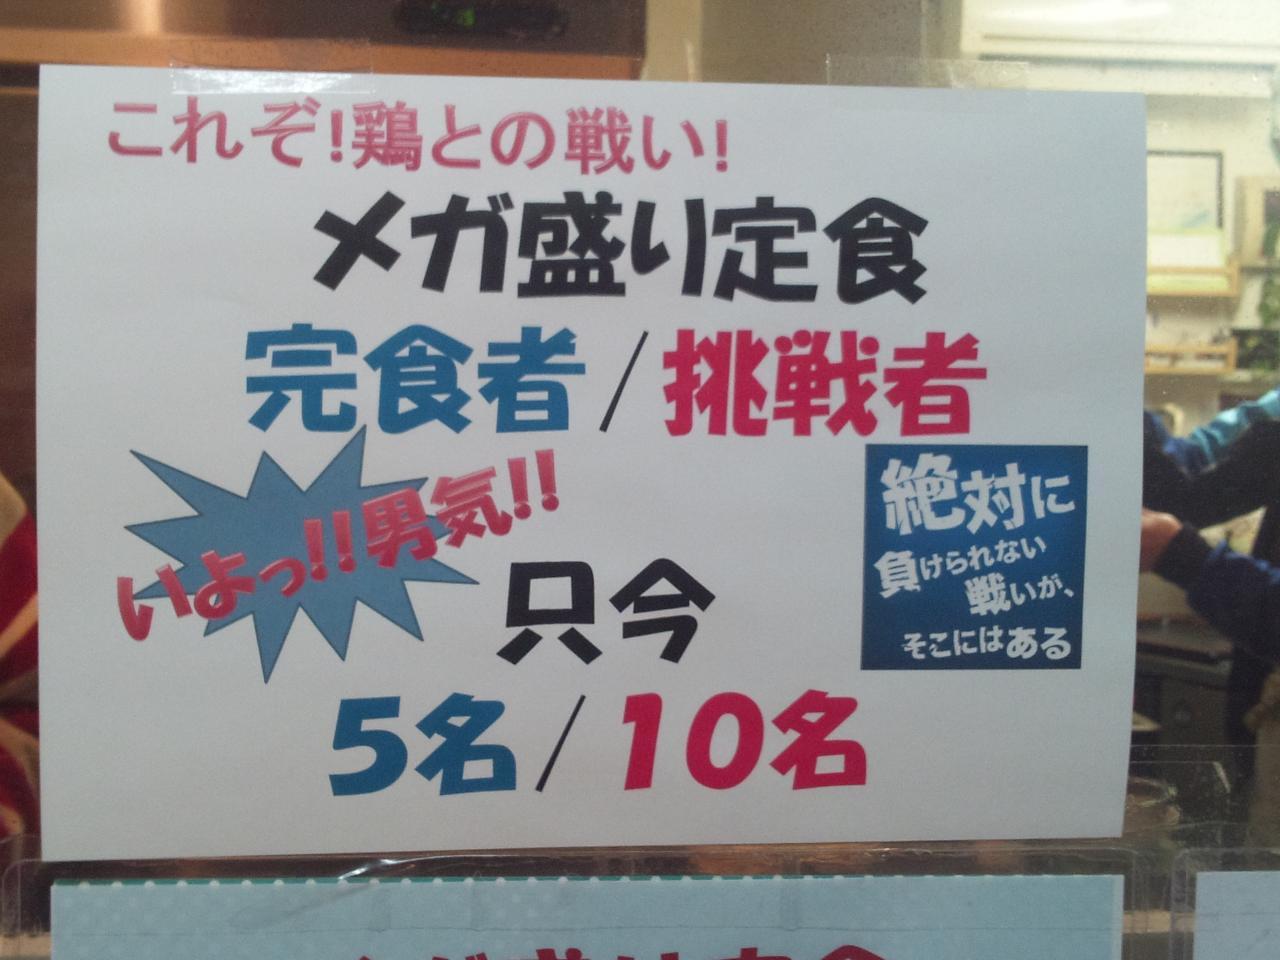 えぞや六角橋店(メガ盛り定食完食記録)